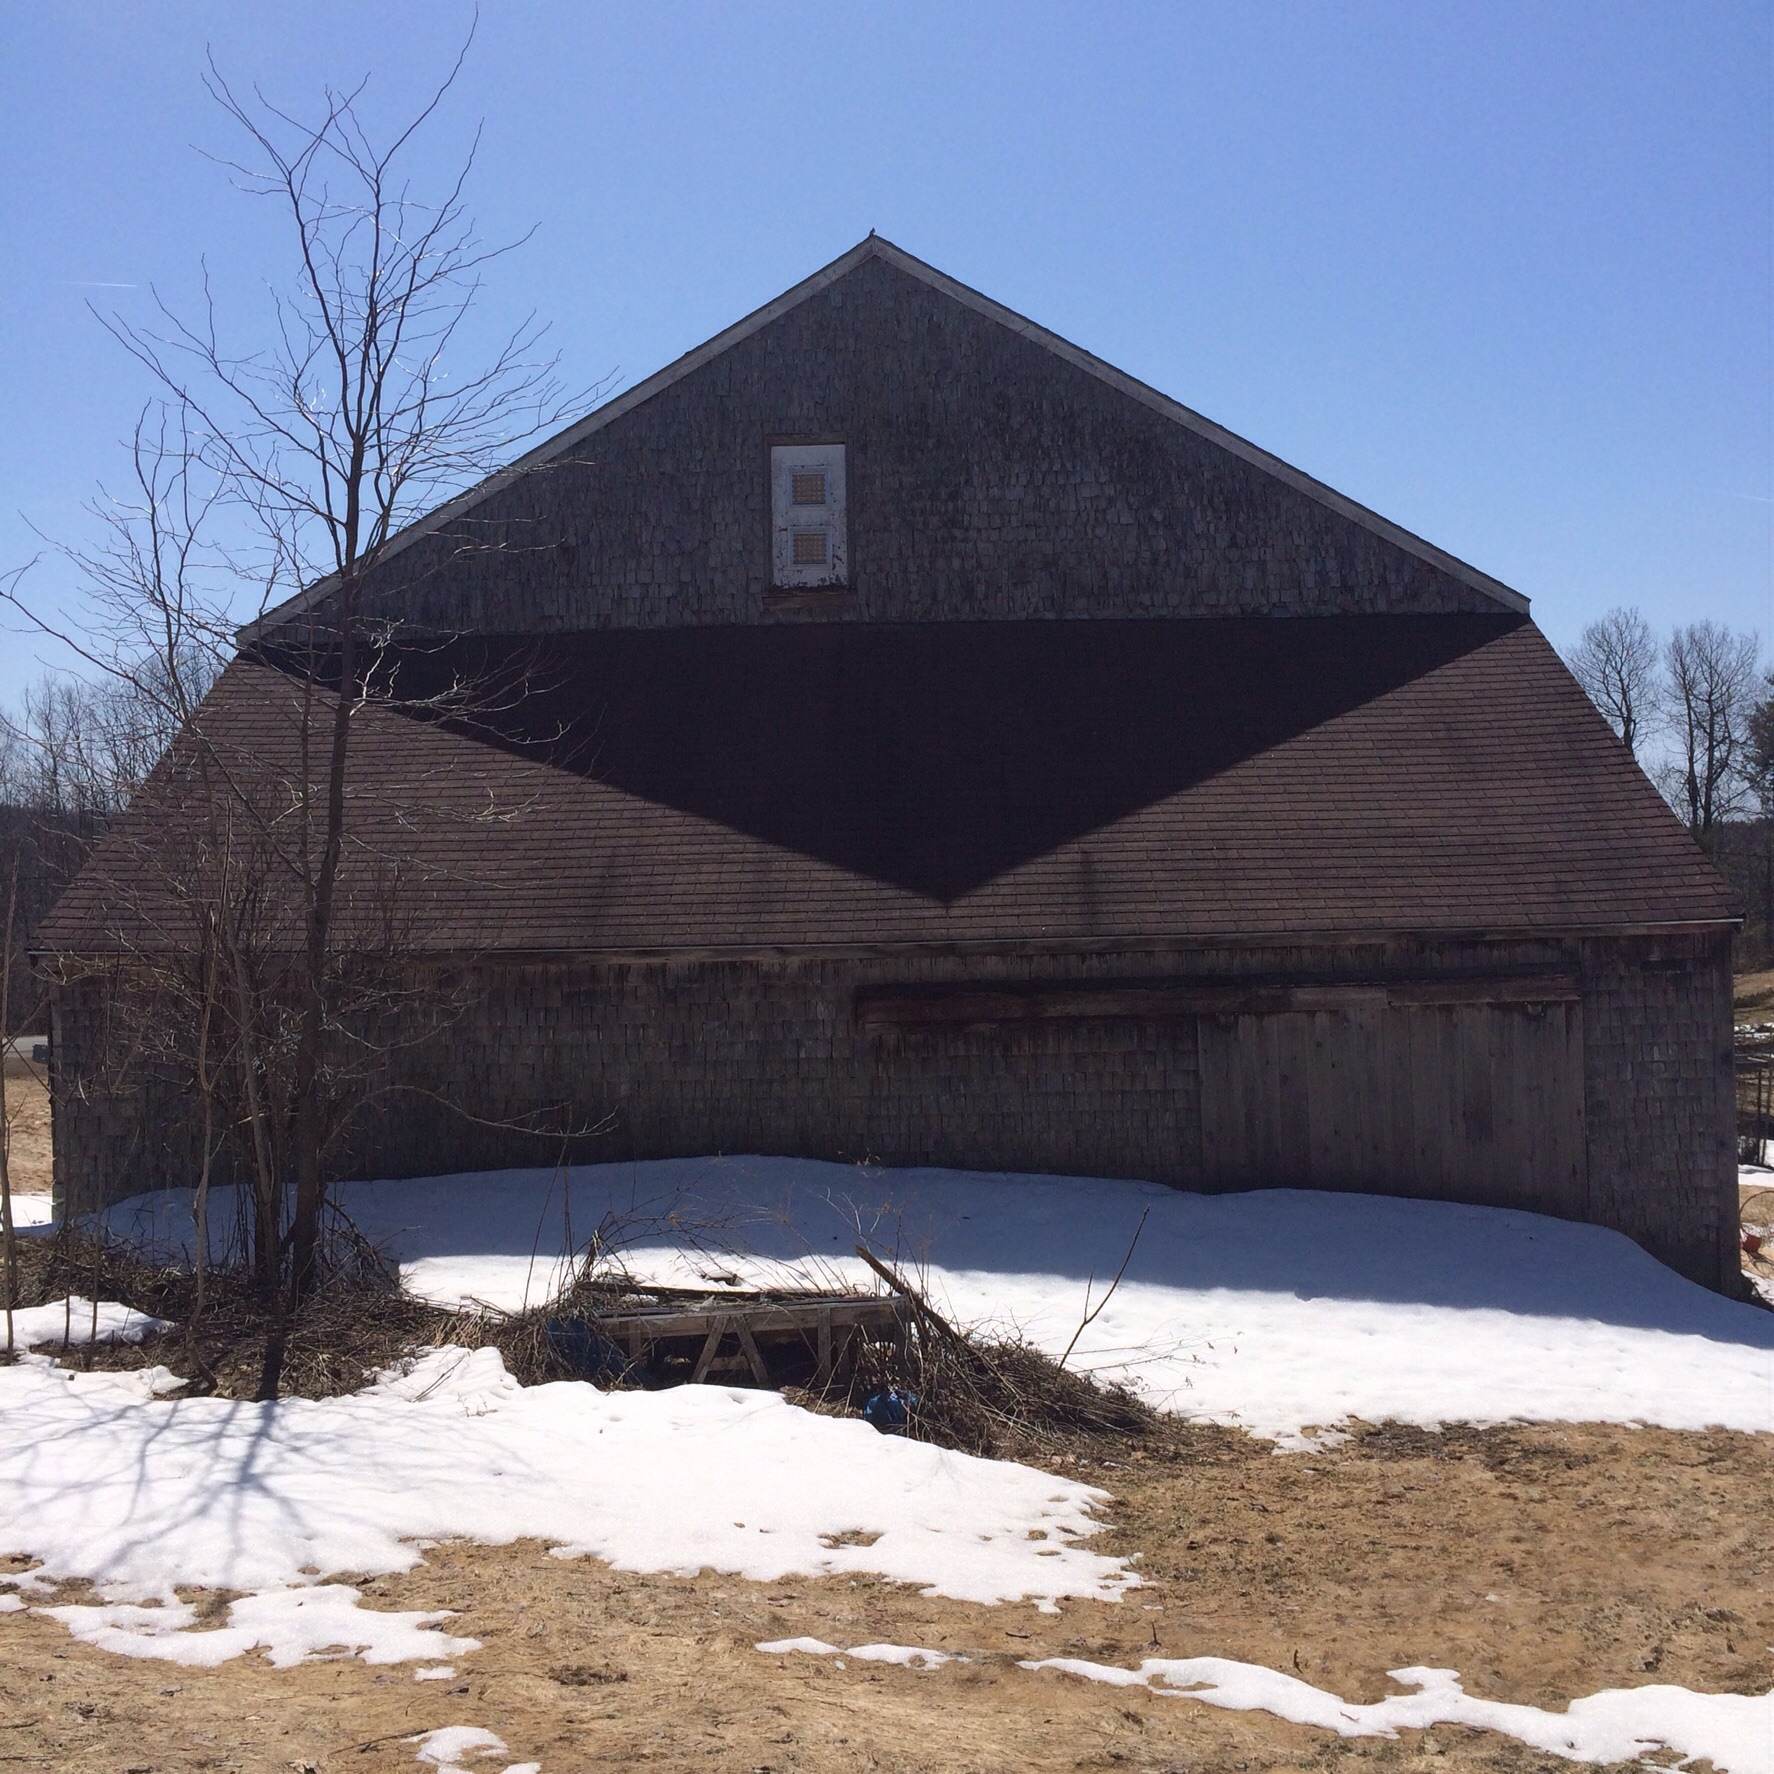 Angular shadows on the back of the barn.